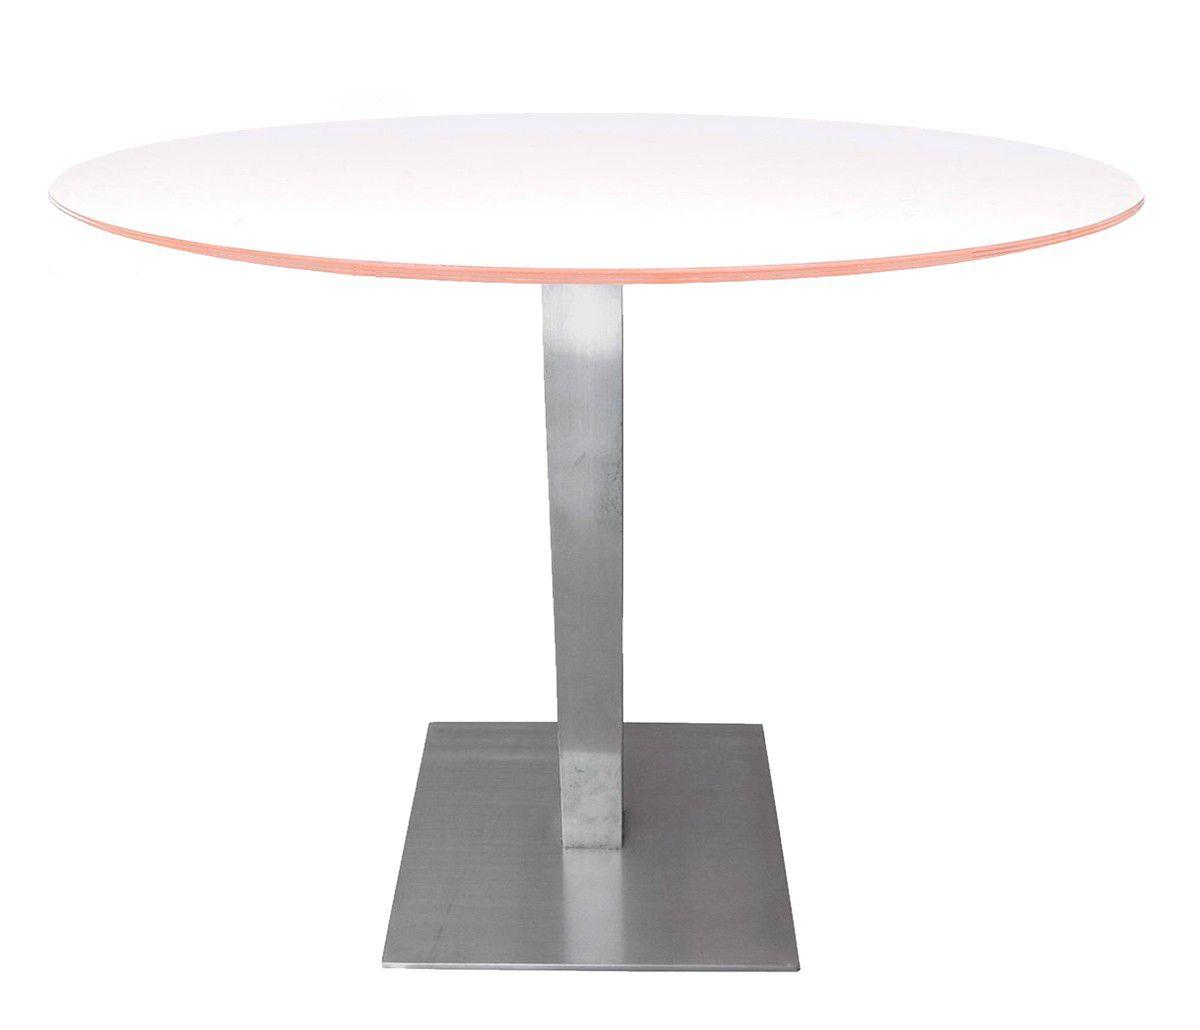 Mesa de jantar Quadro com tampo branco